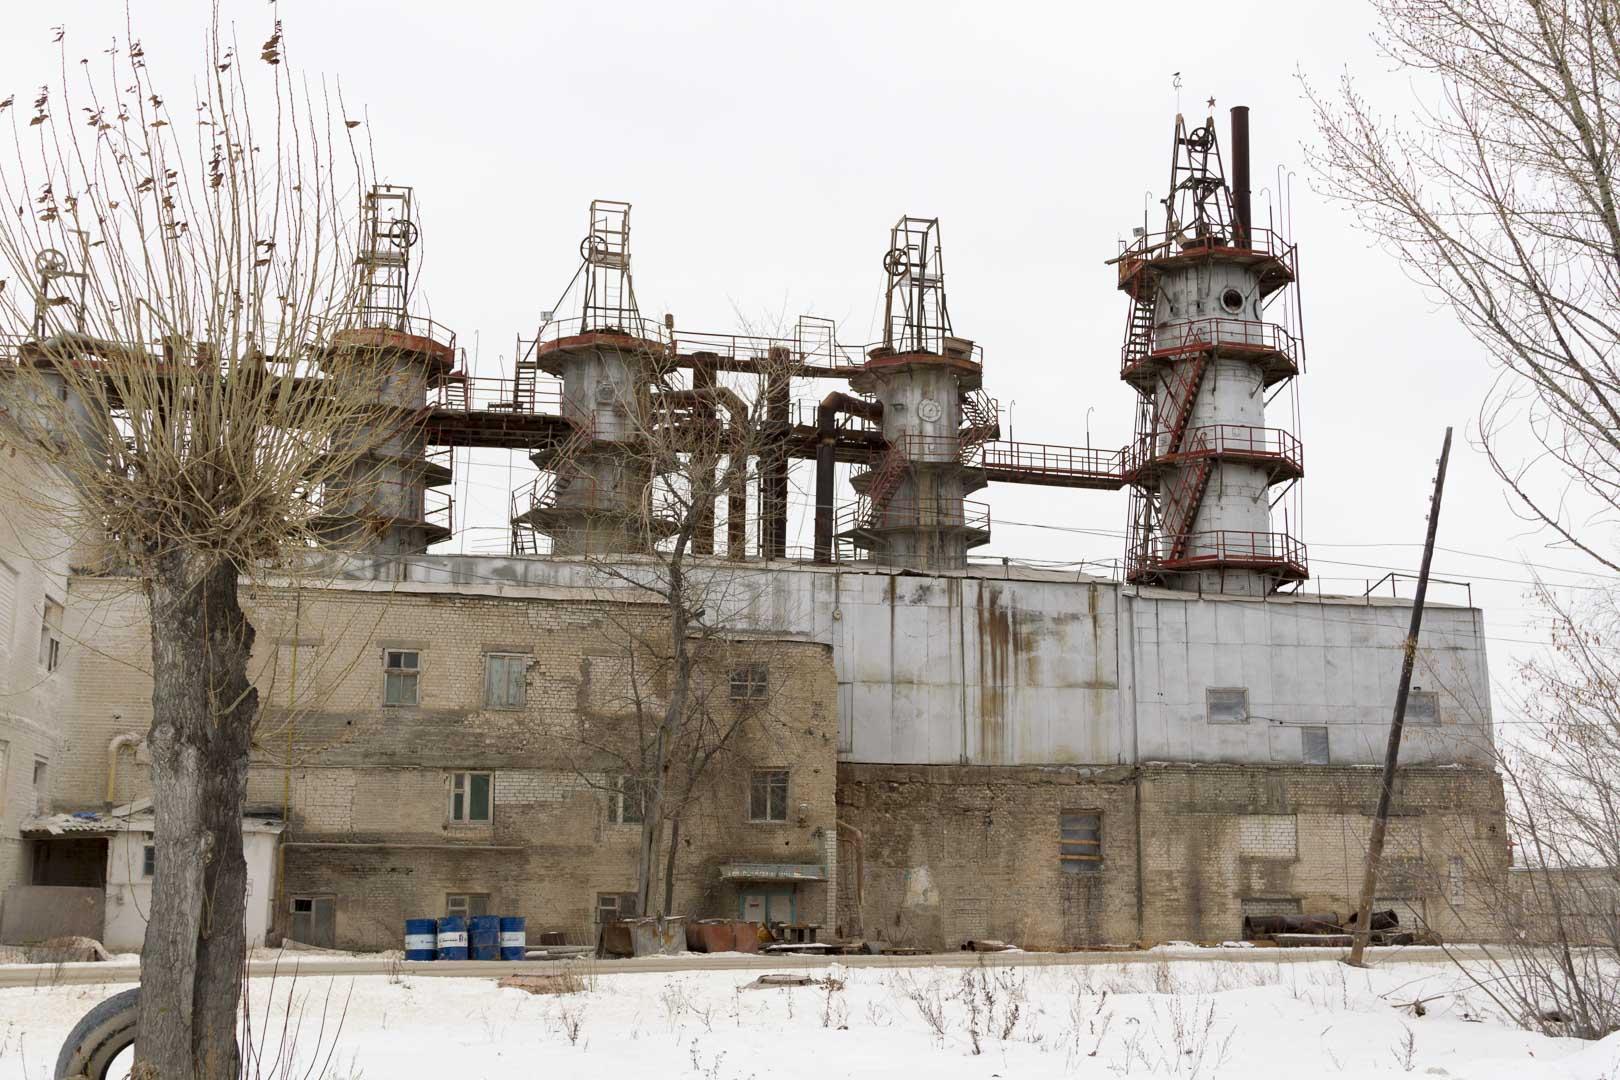 Silikatstroy in Dzerzhinsk, Nizhegorodskaya Oblast – Russia